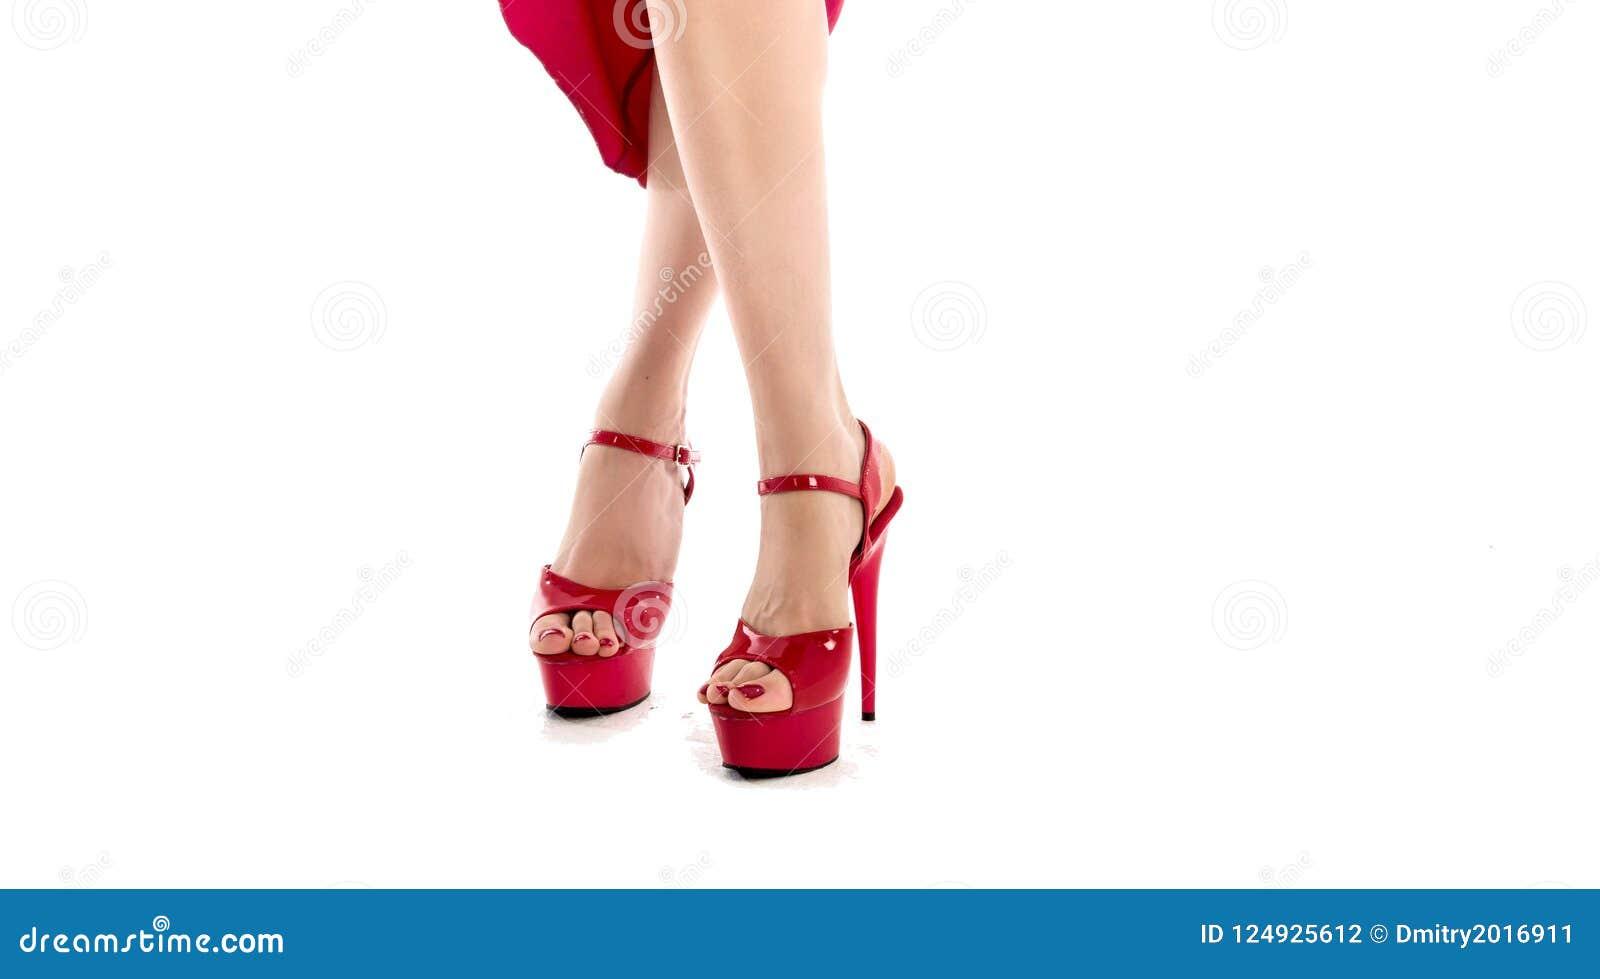 50% rebajado costo moderado venta más caliente Piernas Femal Hermosas En Tacones Altos Rojos Zapatos Rojos ...